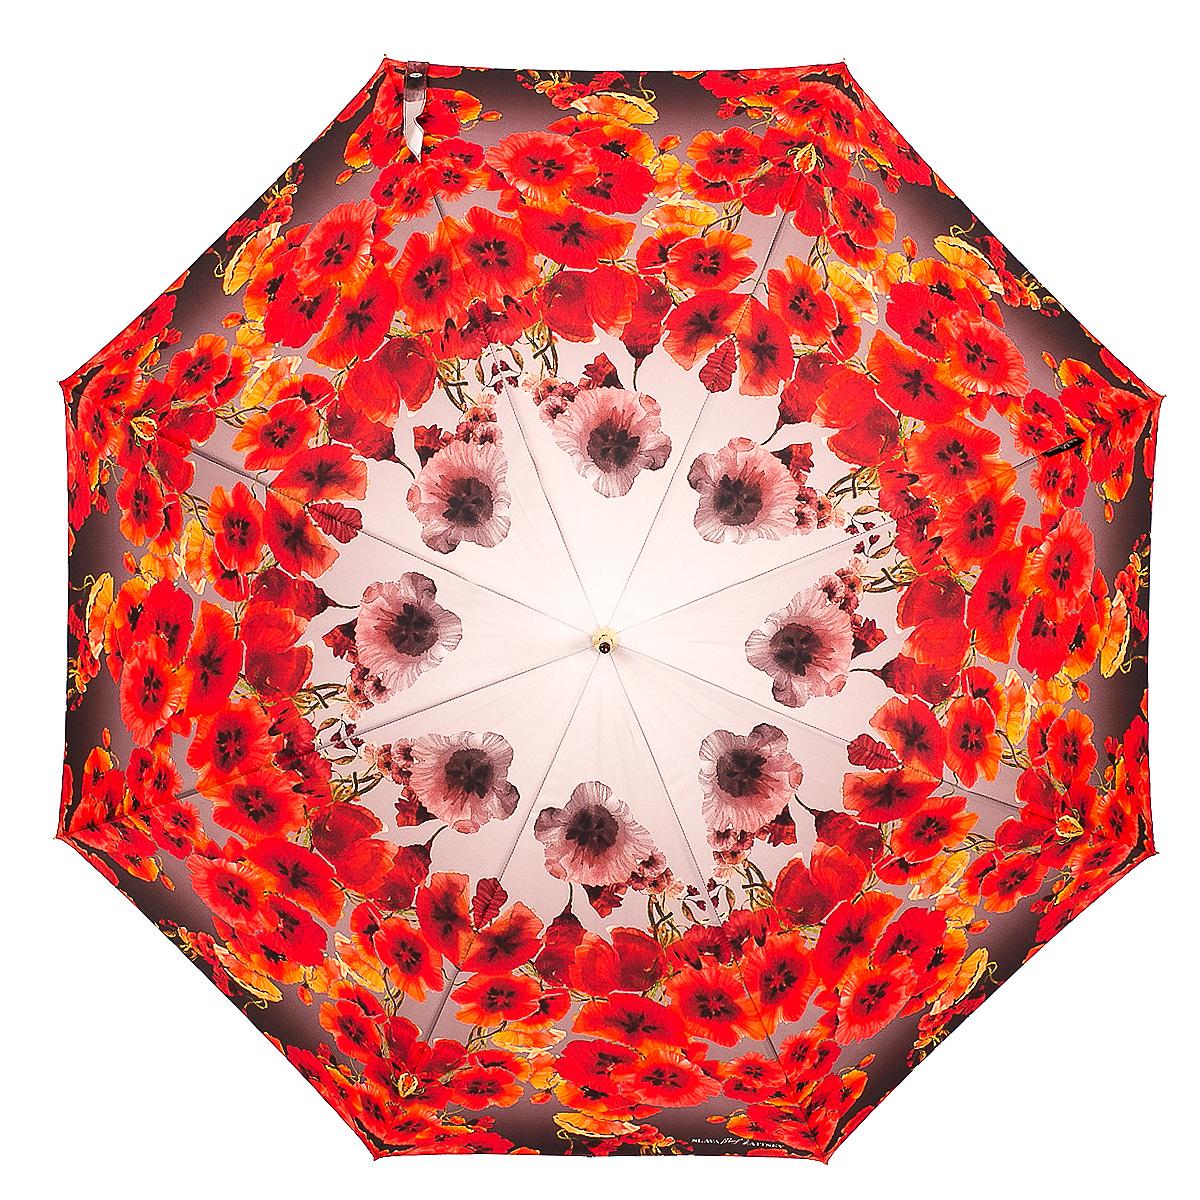 Зонт-трость женский Slava Zaitsev, механика, цвет: красный, молочный. 0458B035000M/18075/3900NОригинальный зонт-трость Slava Zaitsev надежно защитит вас от непогоды. Купол, выполненный из высококачественного полиэстера, который не пропускает воду, оформлен оригинальным принтом. Каркас зонта и спицы выполнены из высококачественного металла. Зонт имеет механический тип сложения: открывается и закрывается вручную до характерного щелчка. Удобная ручка выполнена из пластика.